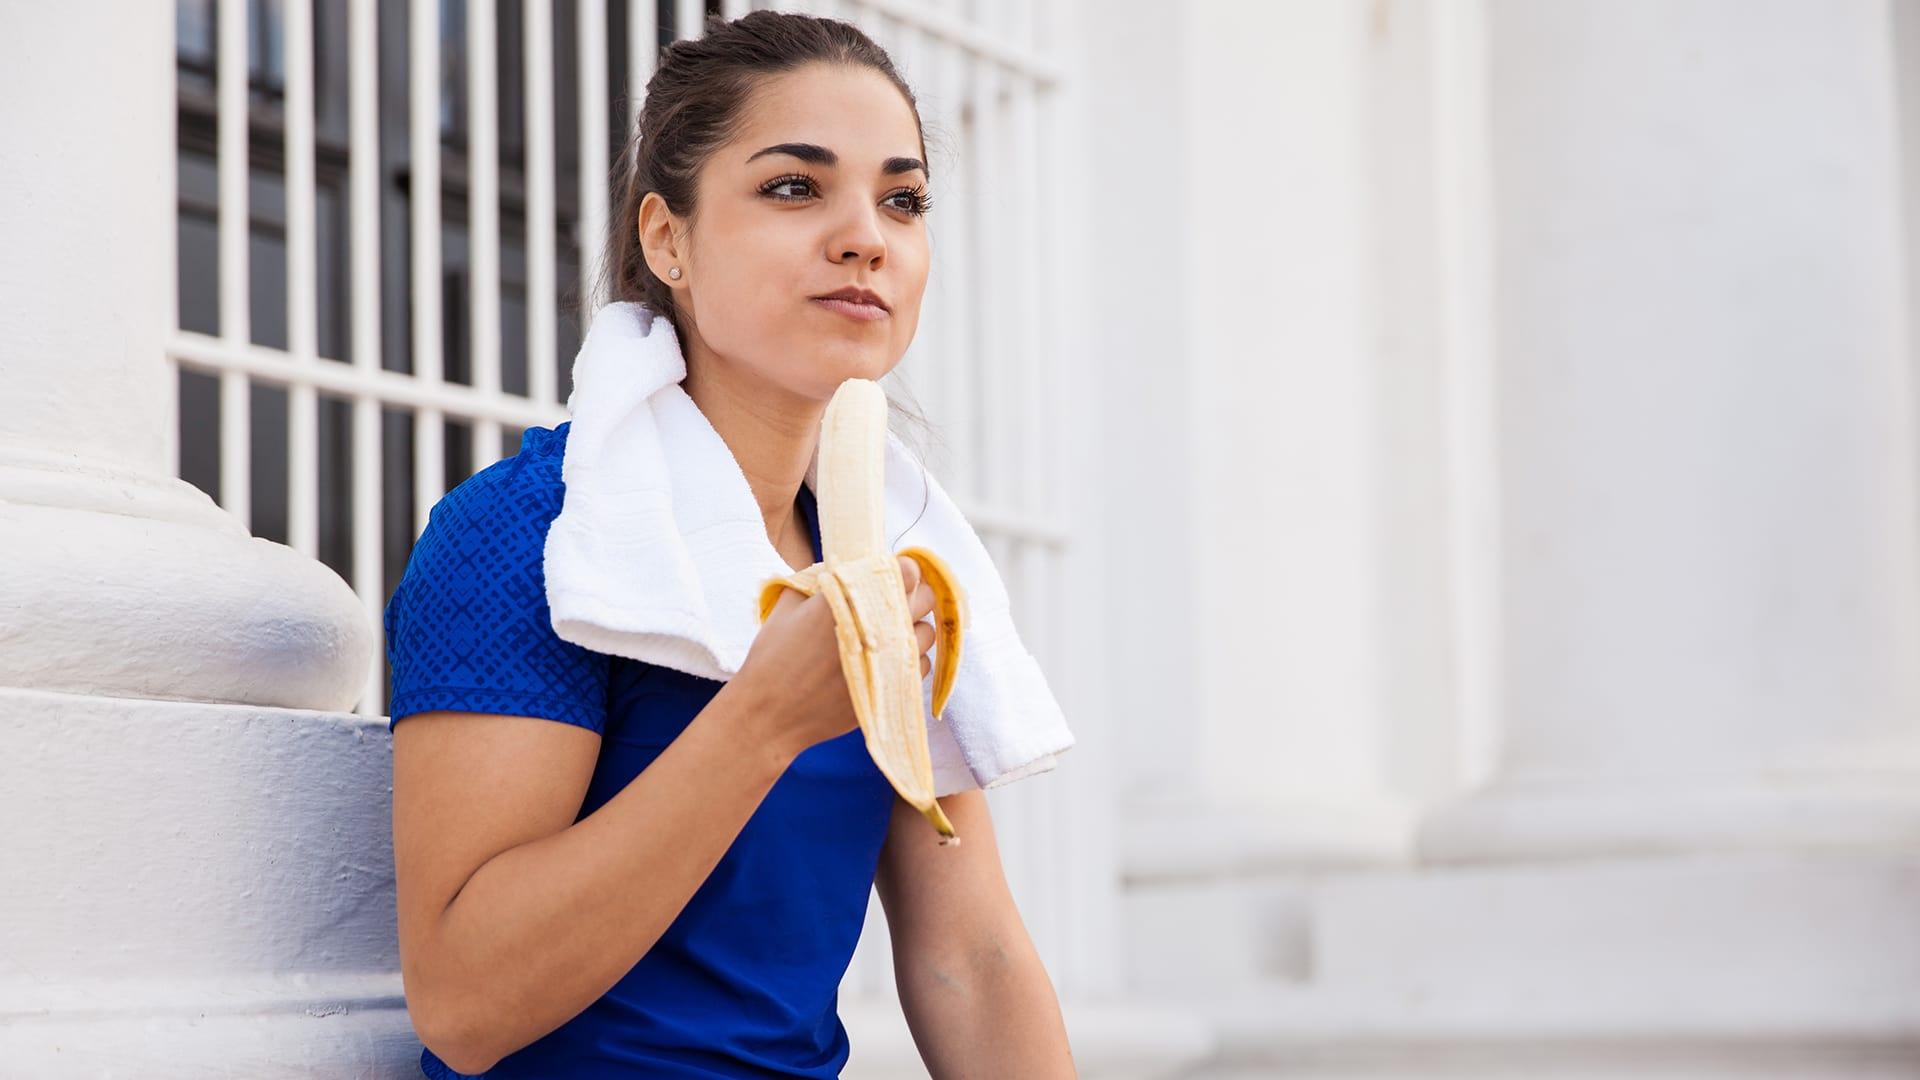 Syö näin, jos treenaat kohottaaksesi kuntoasi